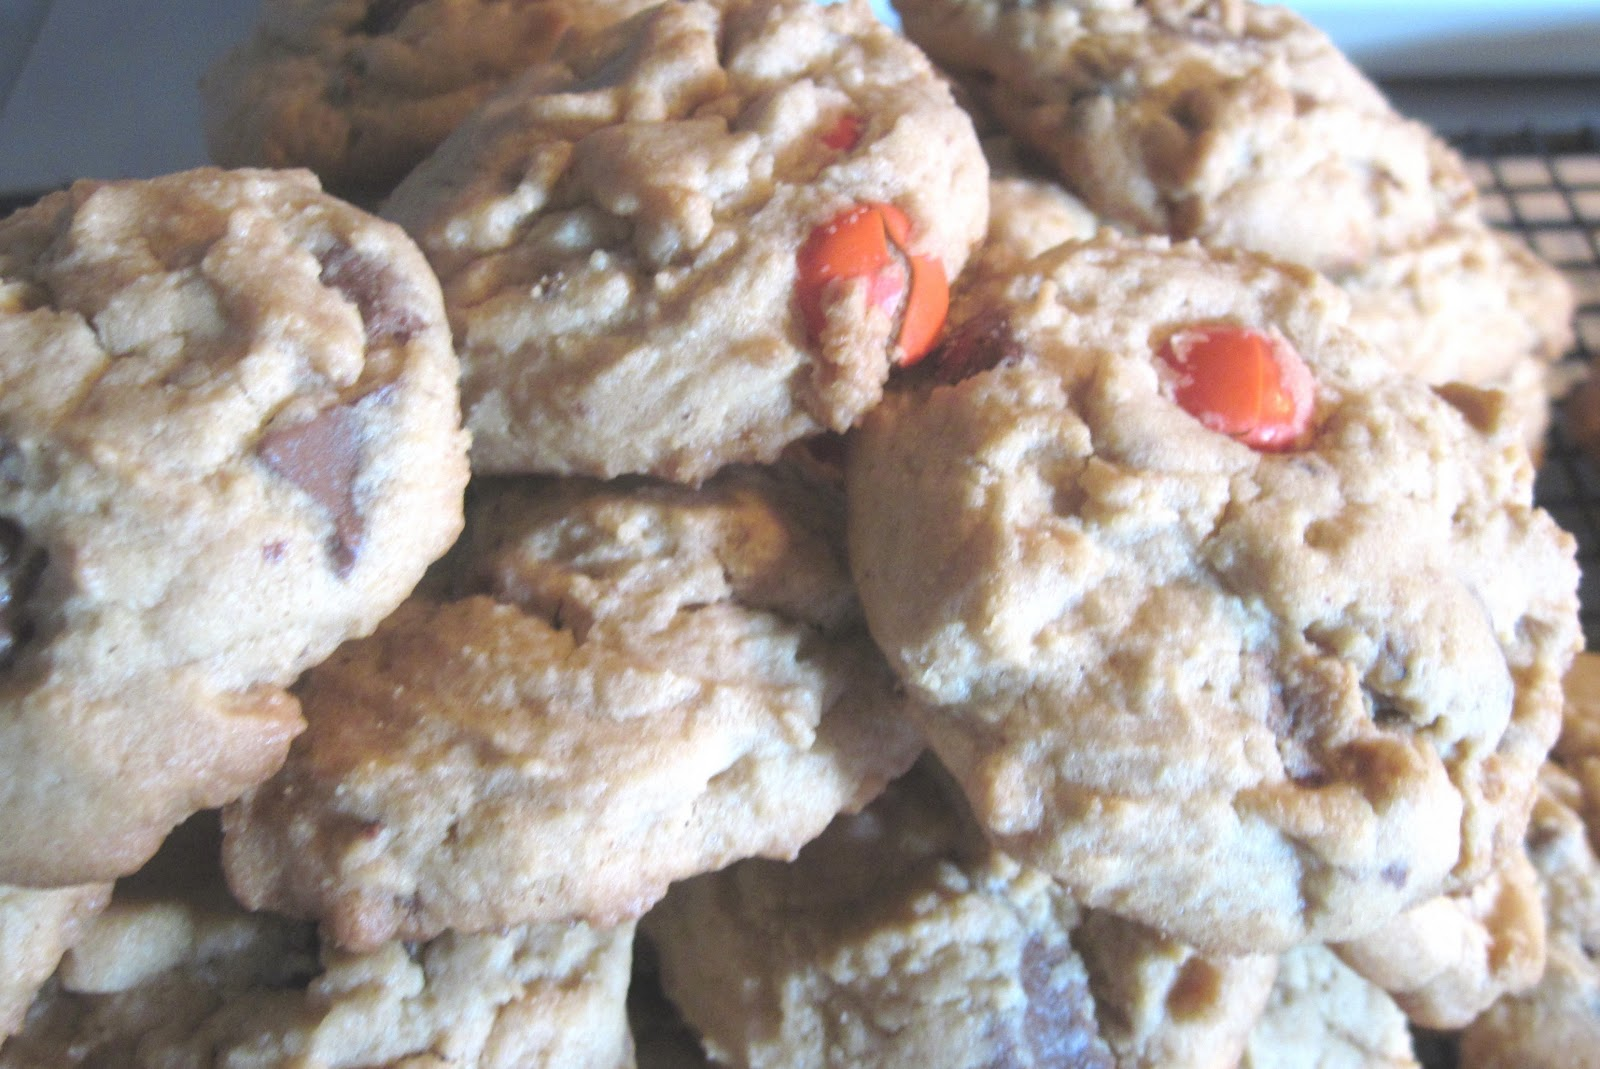 The Better Baker: Candy Bar Peanut Butter Cookies